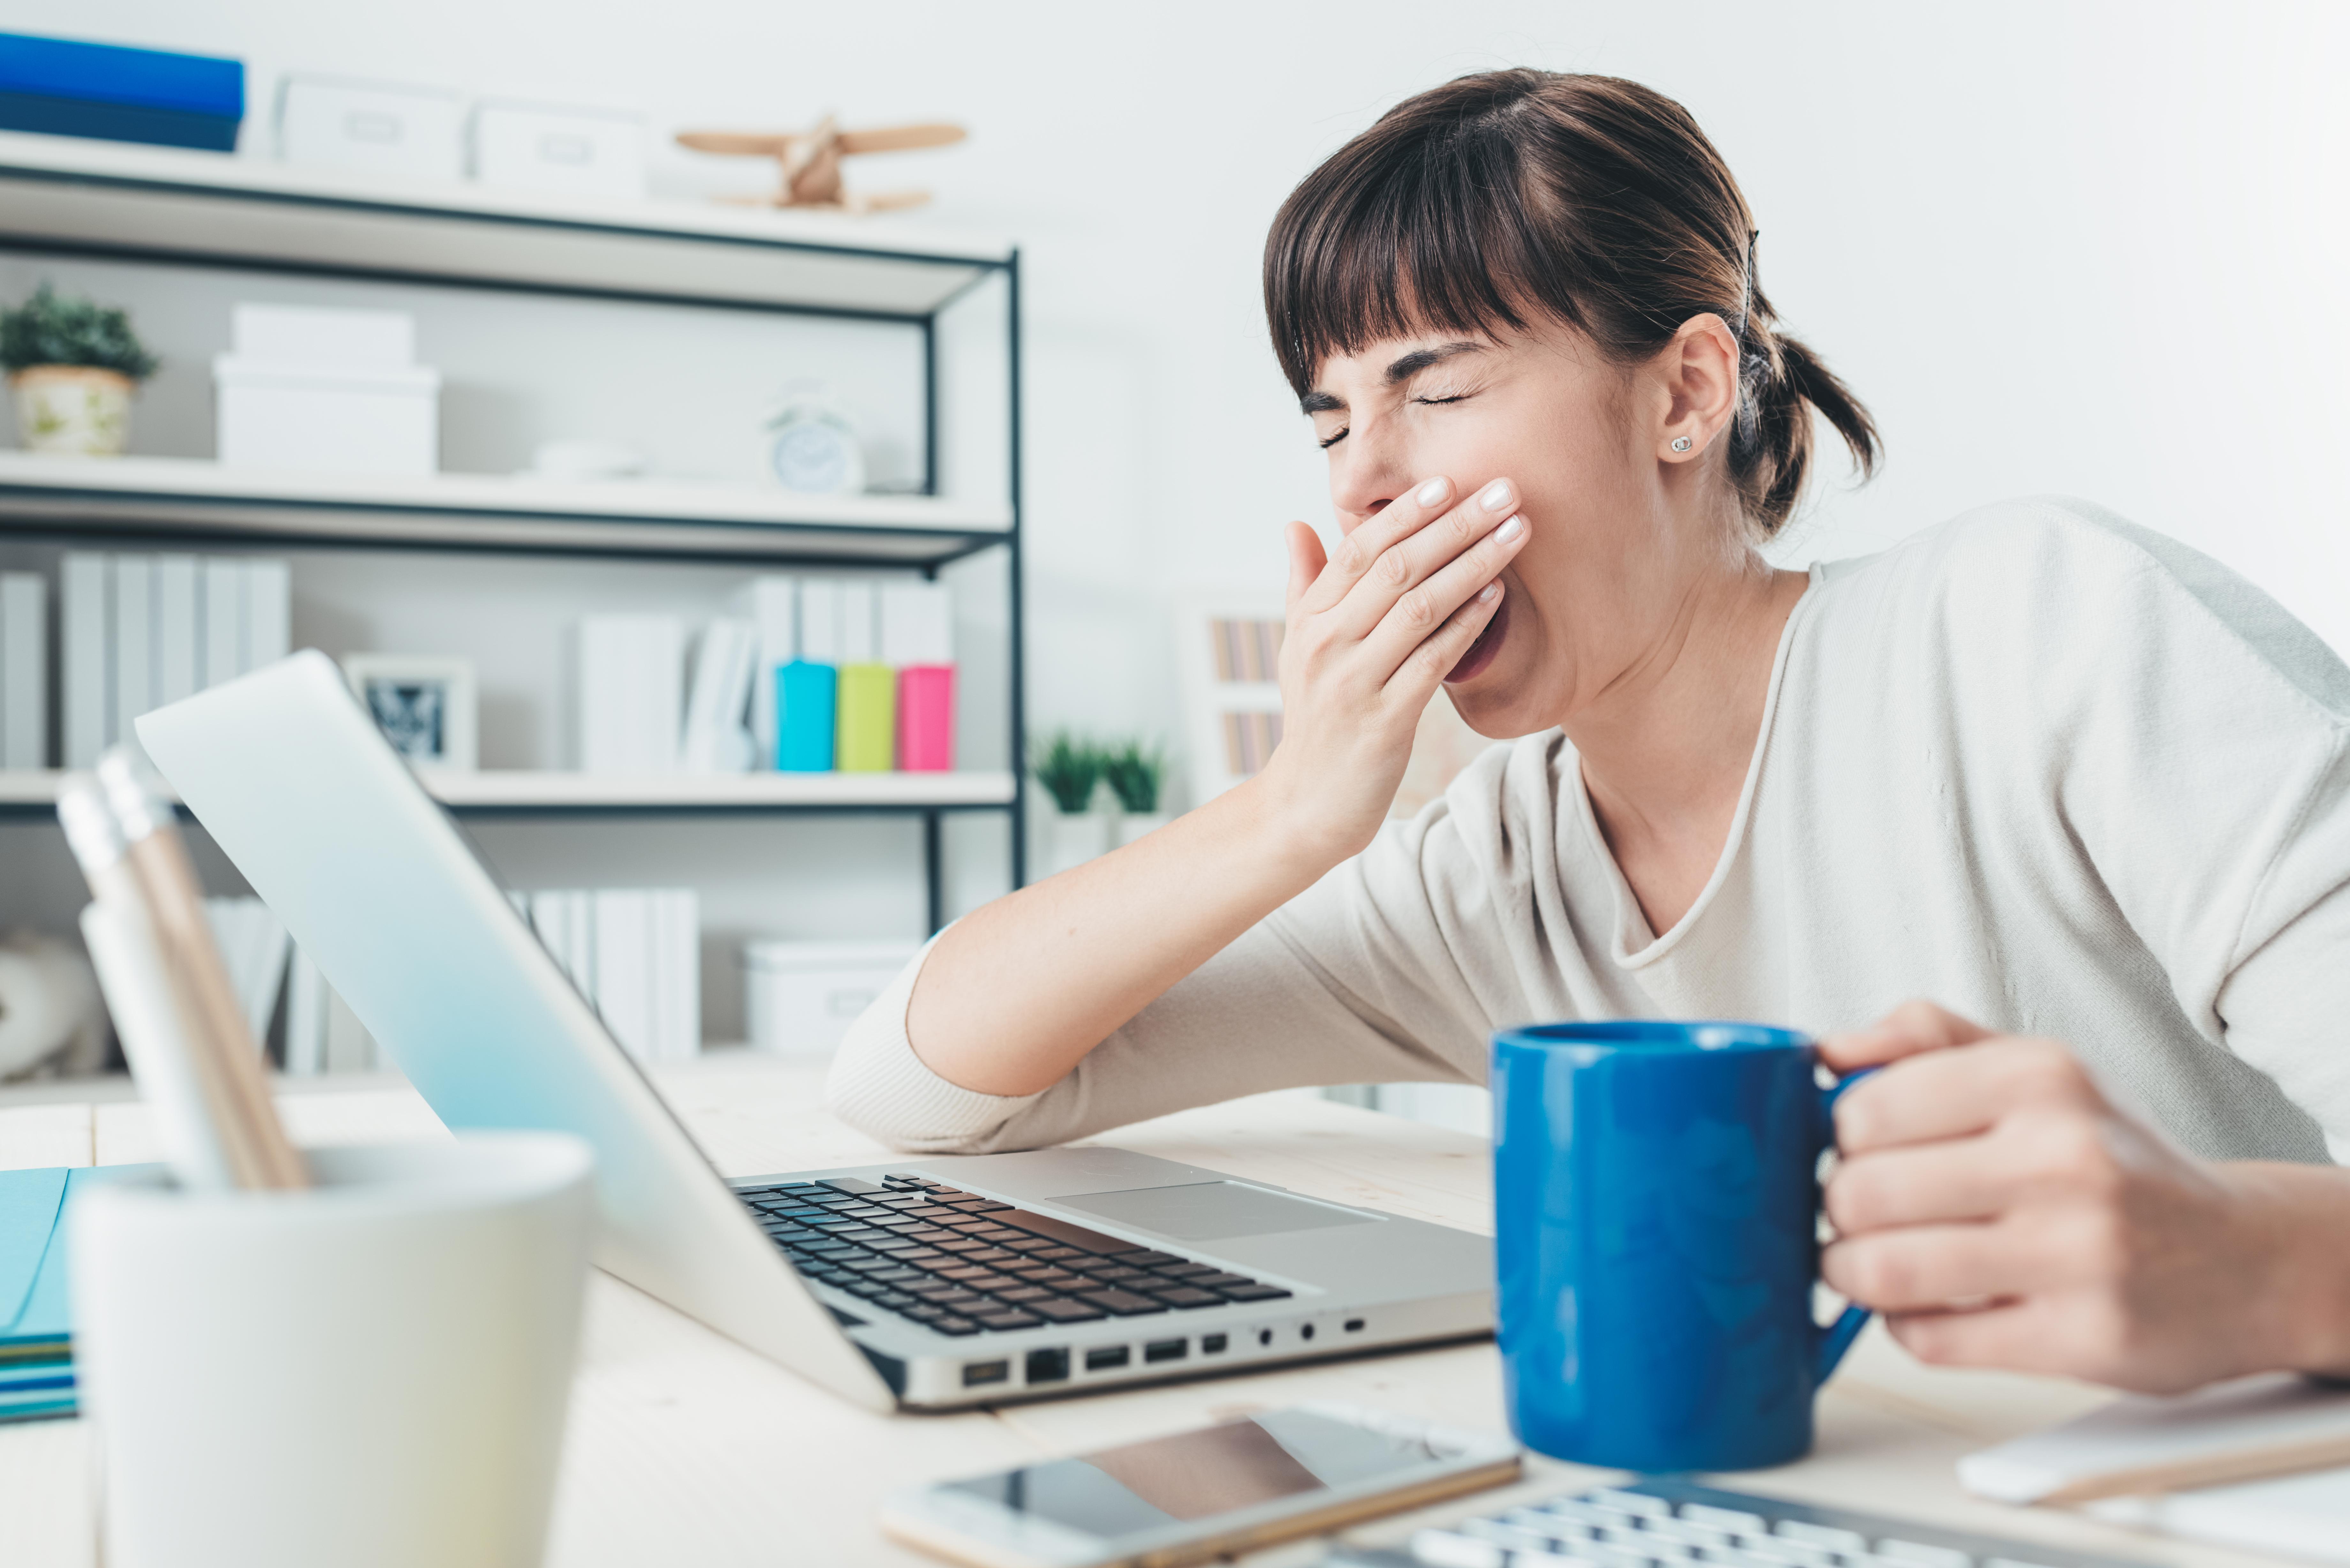 Cuidado: Dormir pouco deixa você menos atraente